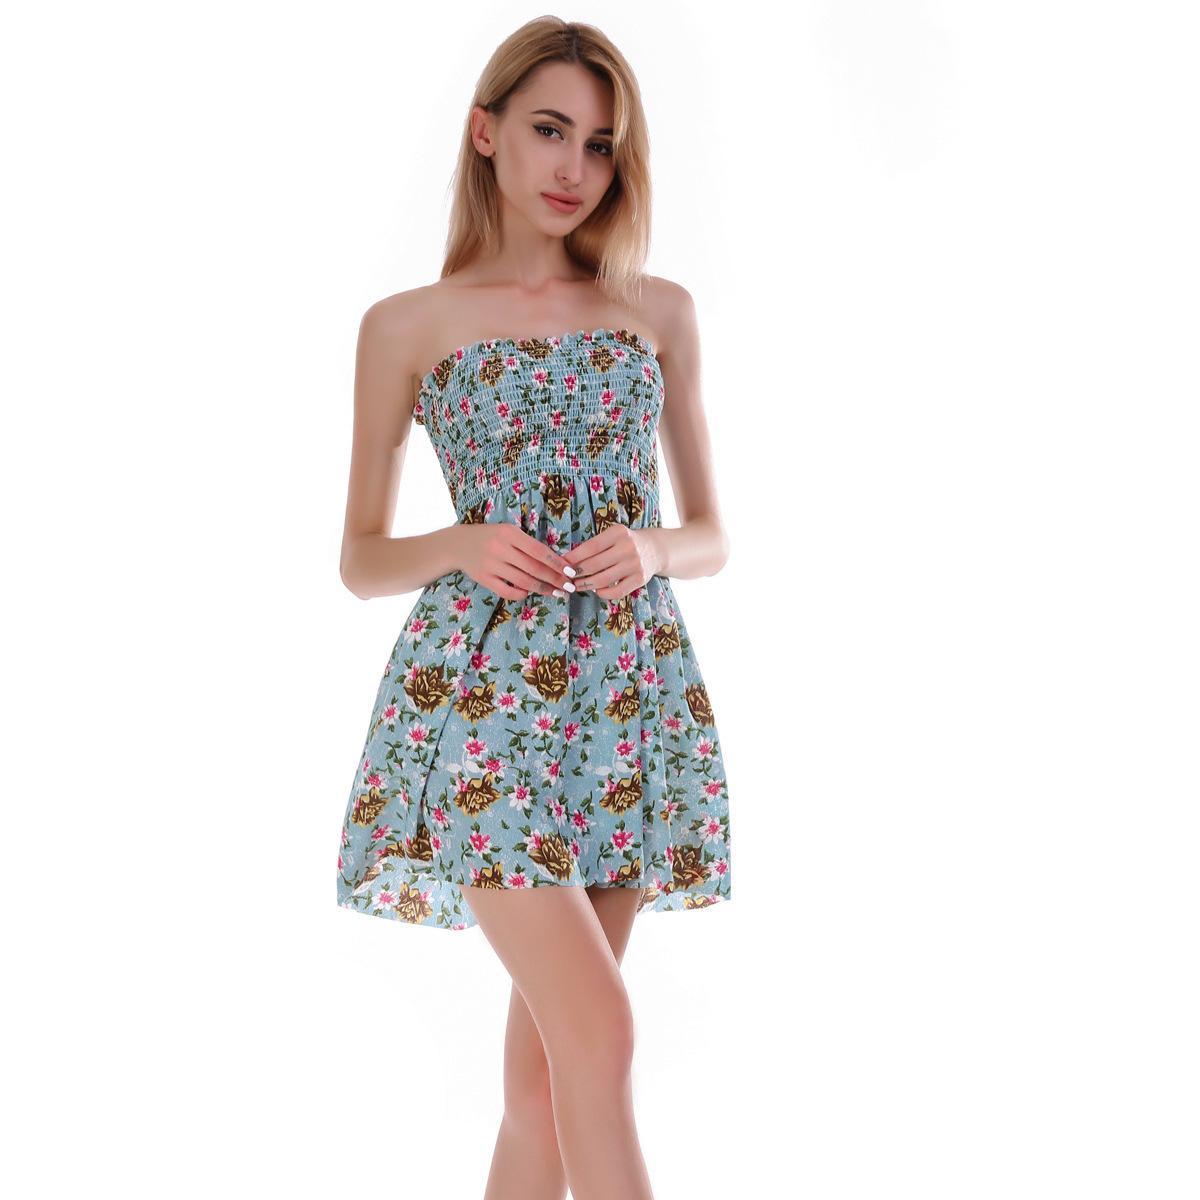 94d3845eeaf Compre Lossky Gasa Vestido De Mujer Verano 2018 Sexy Elástico Plisado  Sujetador Pecho Playa Bohemia Imprimir Vestido Mujer Mini Verano es A   27.32 Del ...